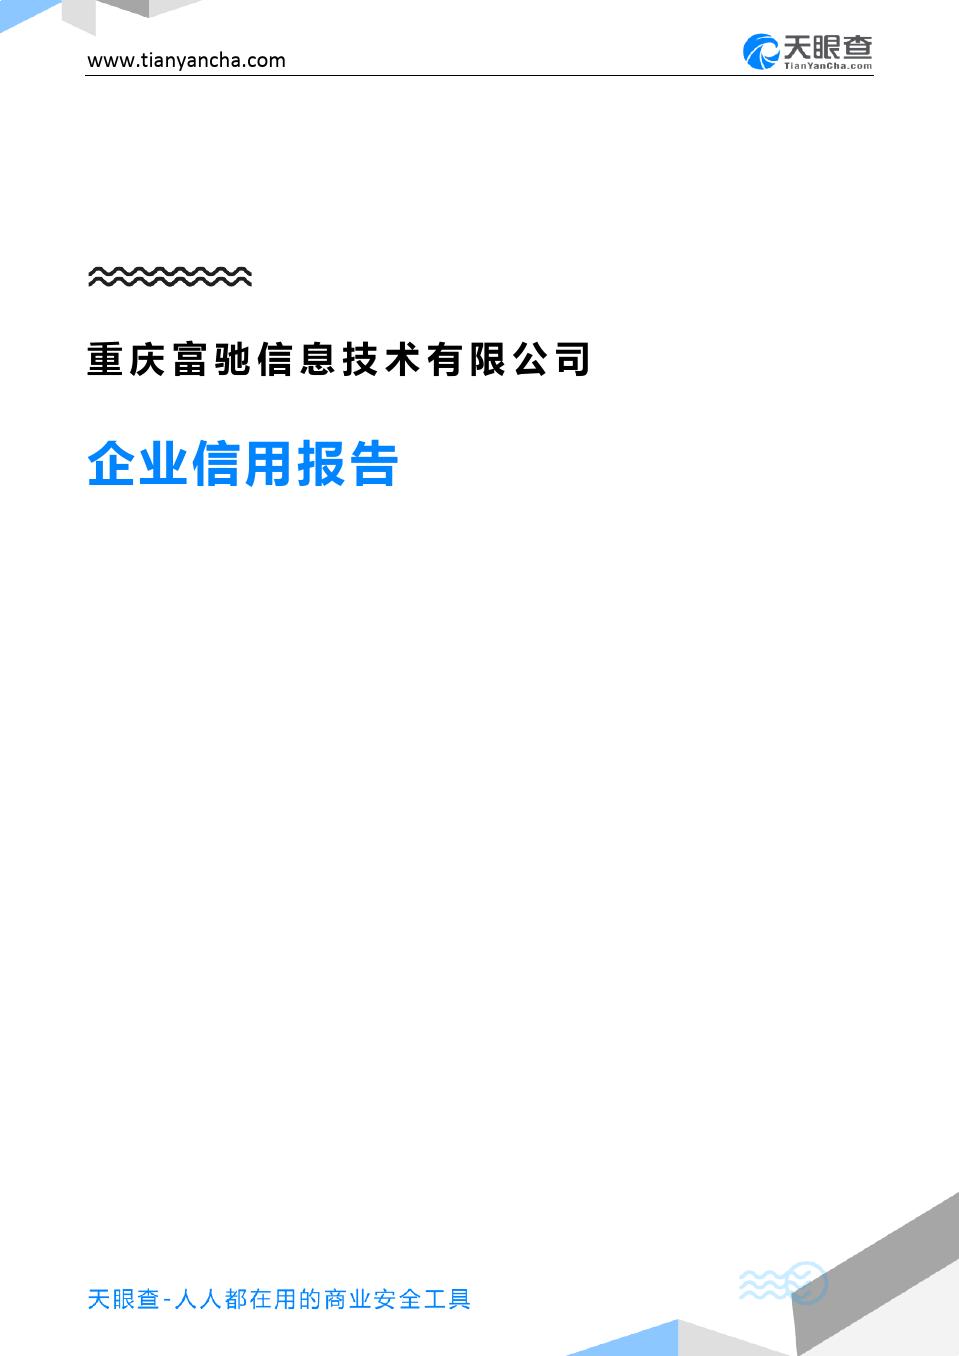 重庆富驰信息技术有限公司(企业信用报告)- 天眼查